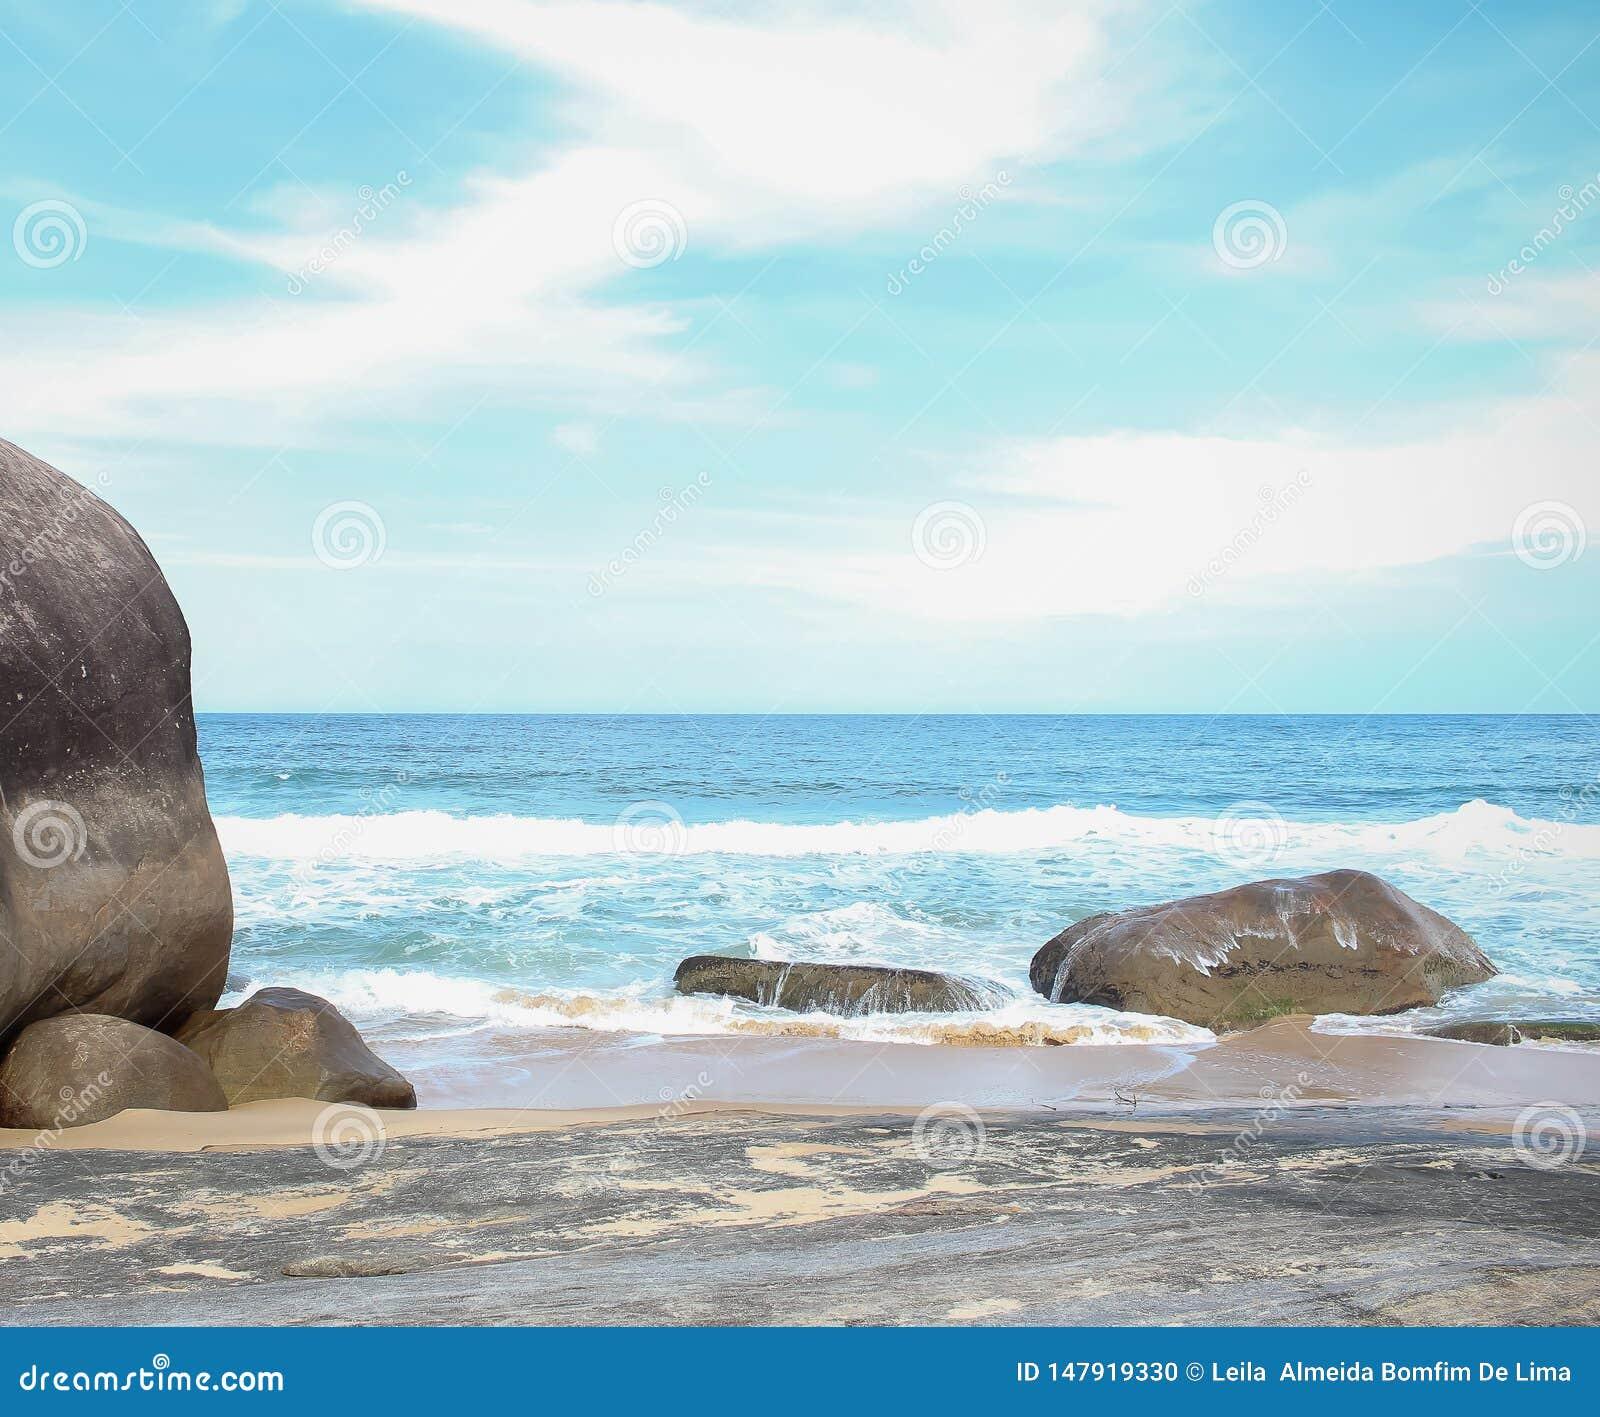 The big stone in the sea.